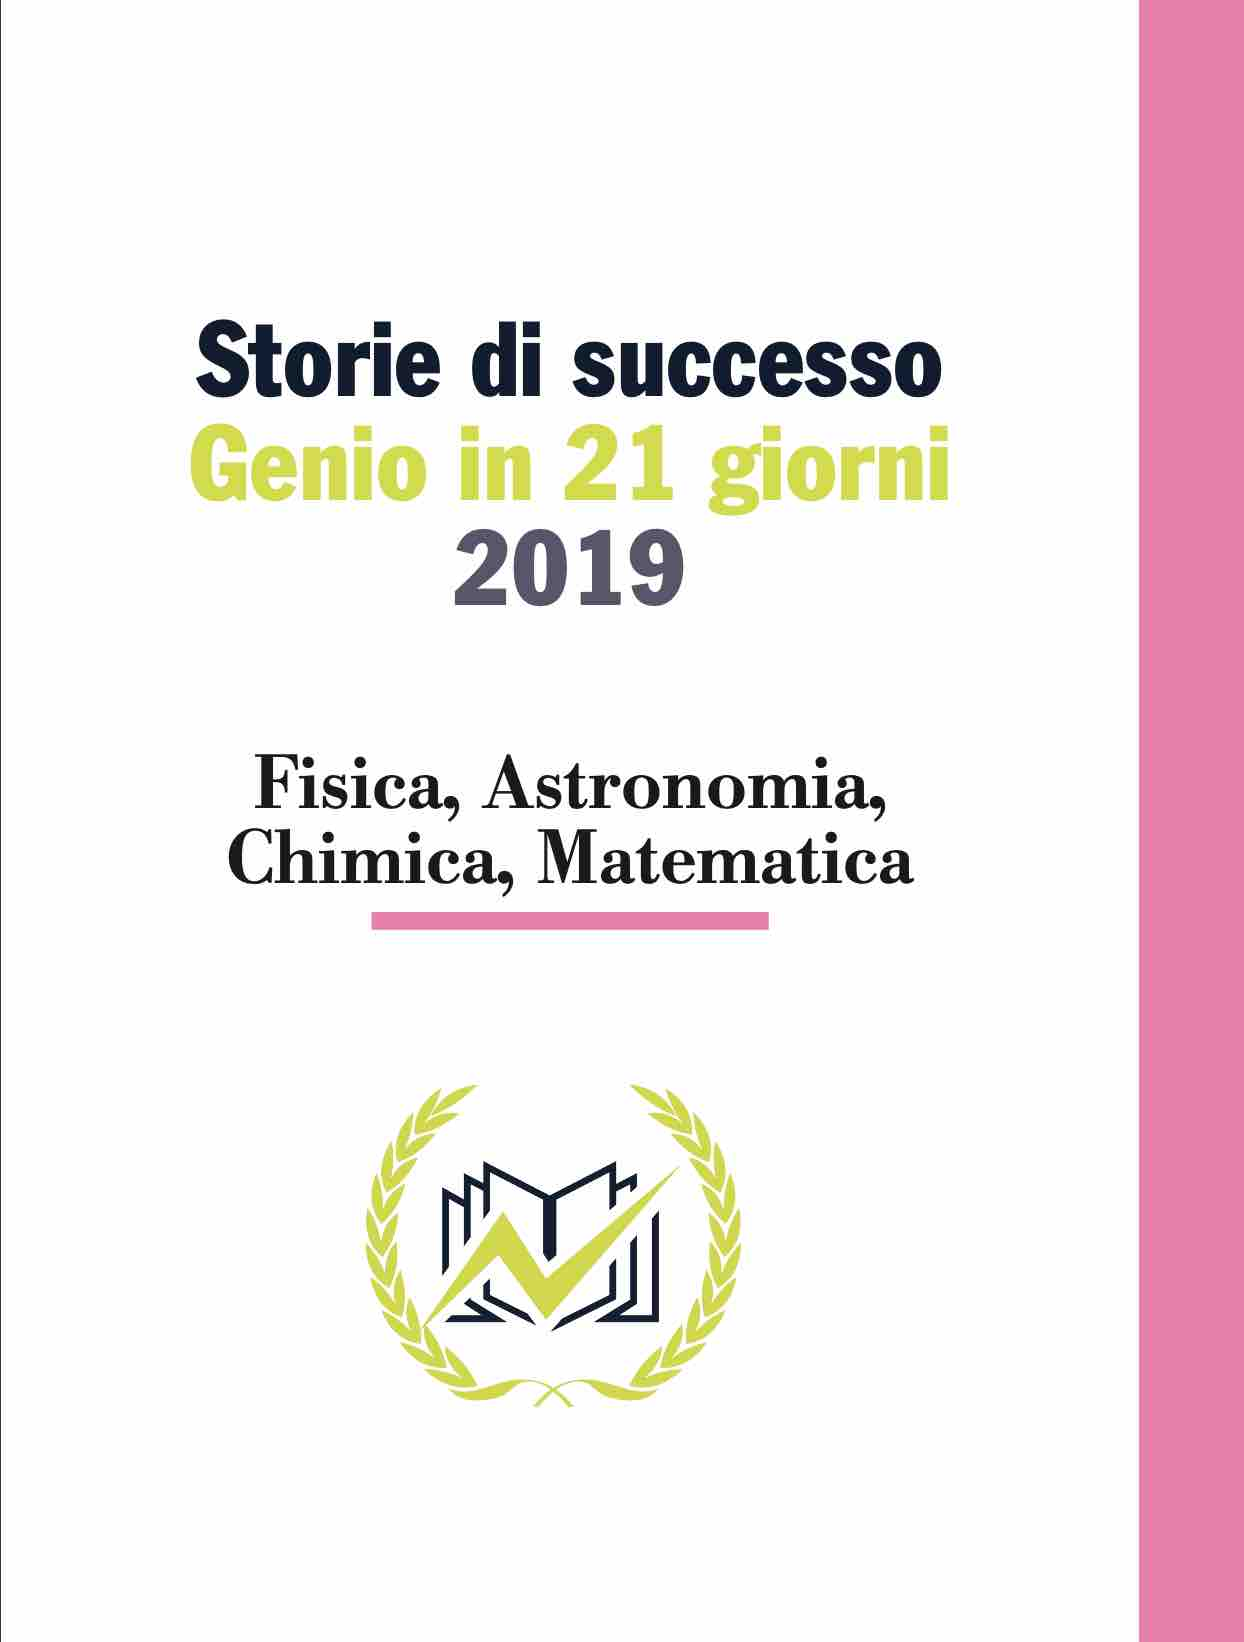 Testimonianze Genio in 21 Giorni Fisica, Astronomia, Chimica, Matematica